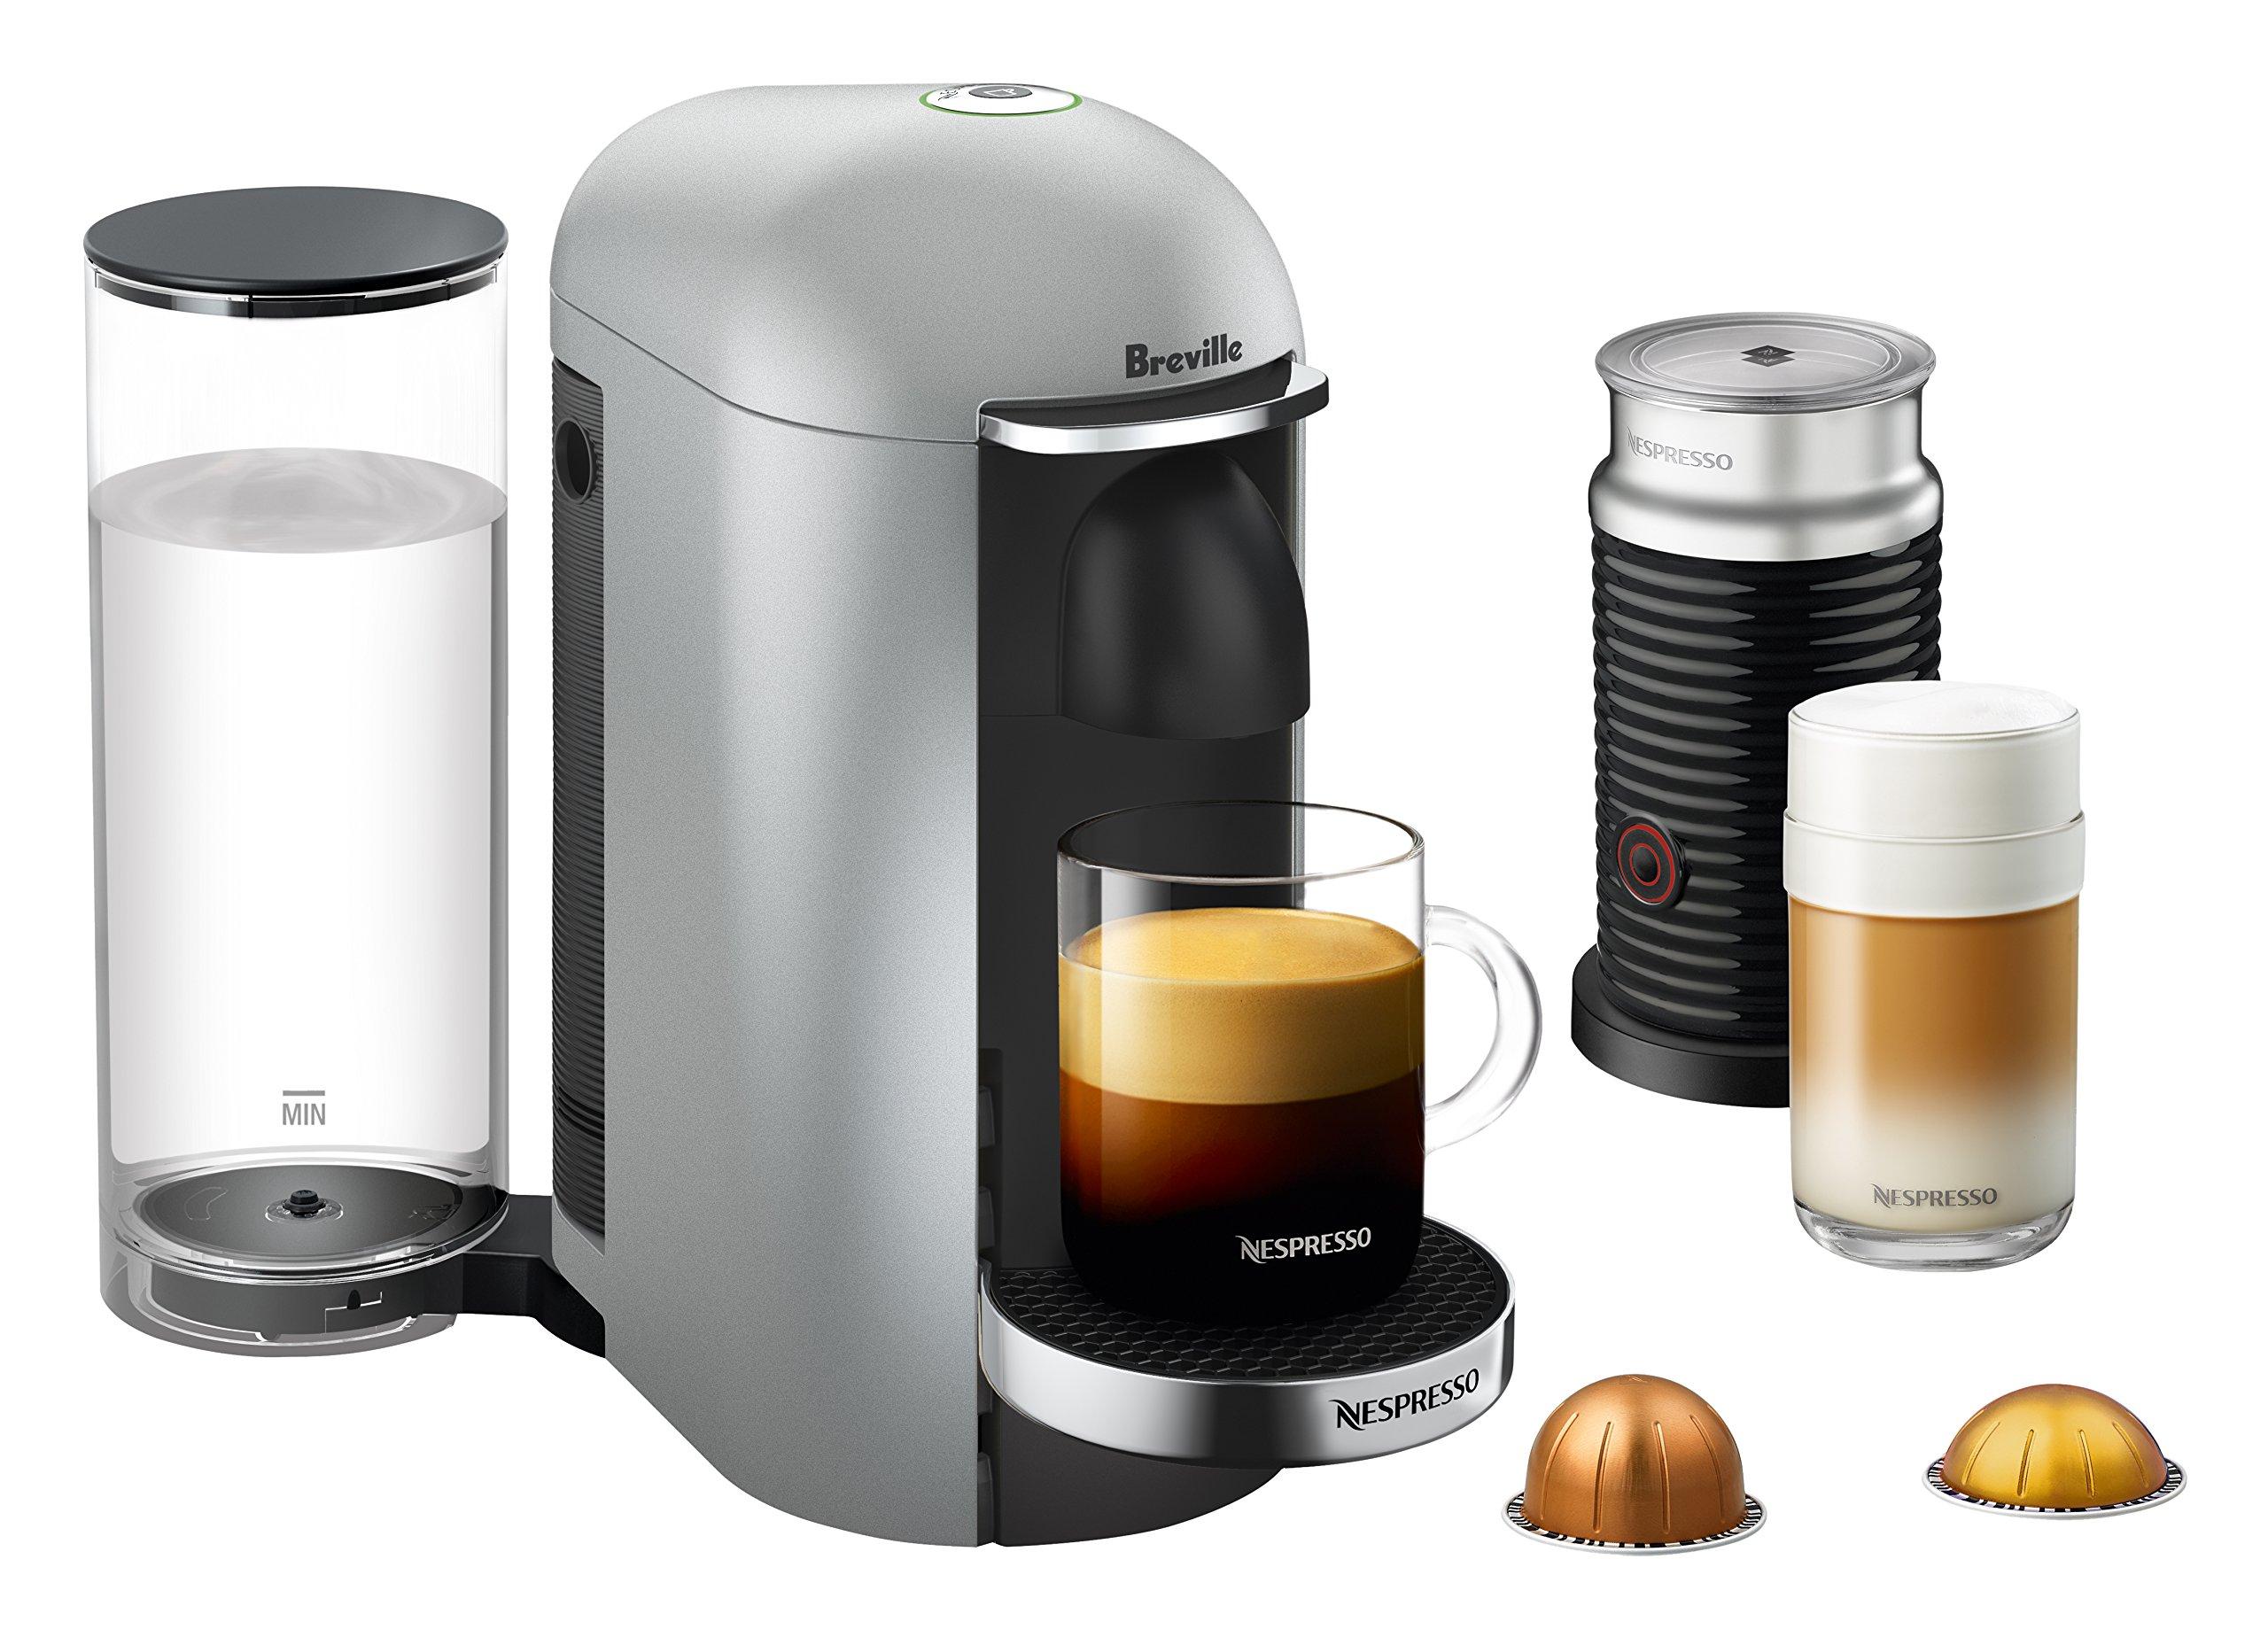 Nespresso VertuoPlus Deluxe Coffee and Espresso Maker by Breville with Aeroccino, Silver